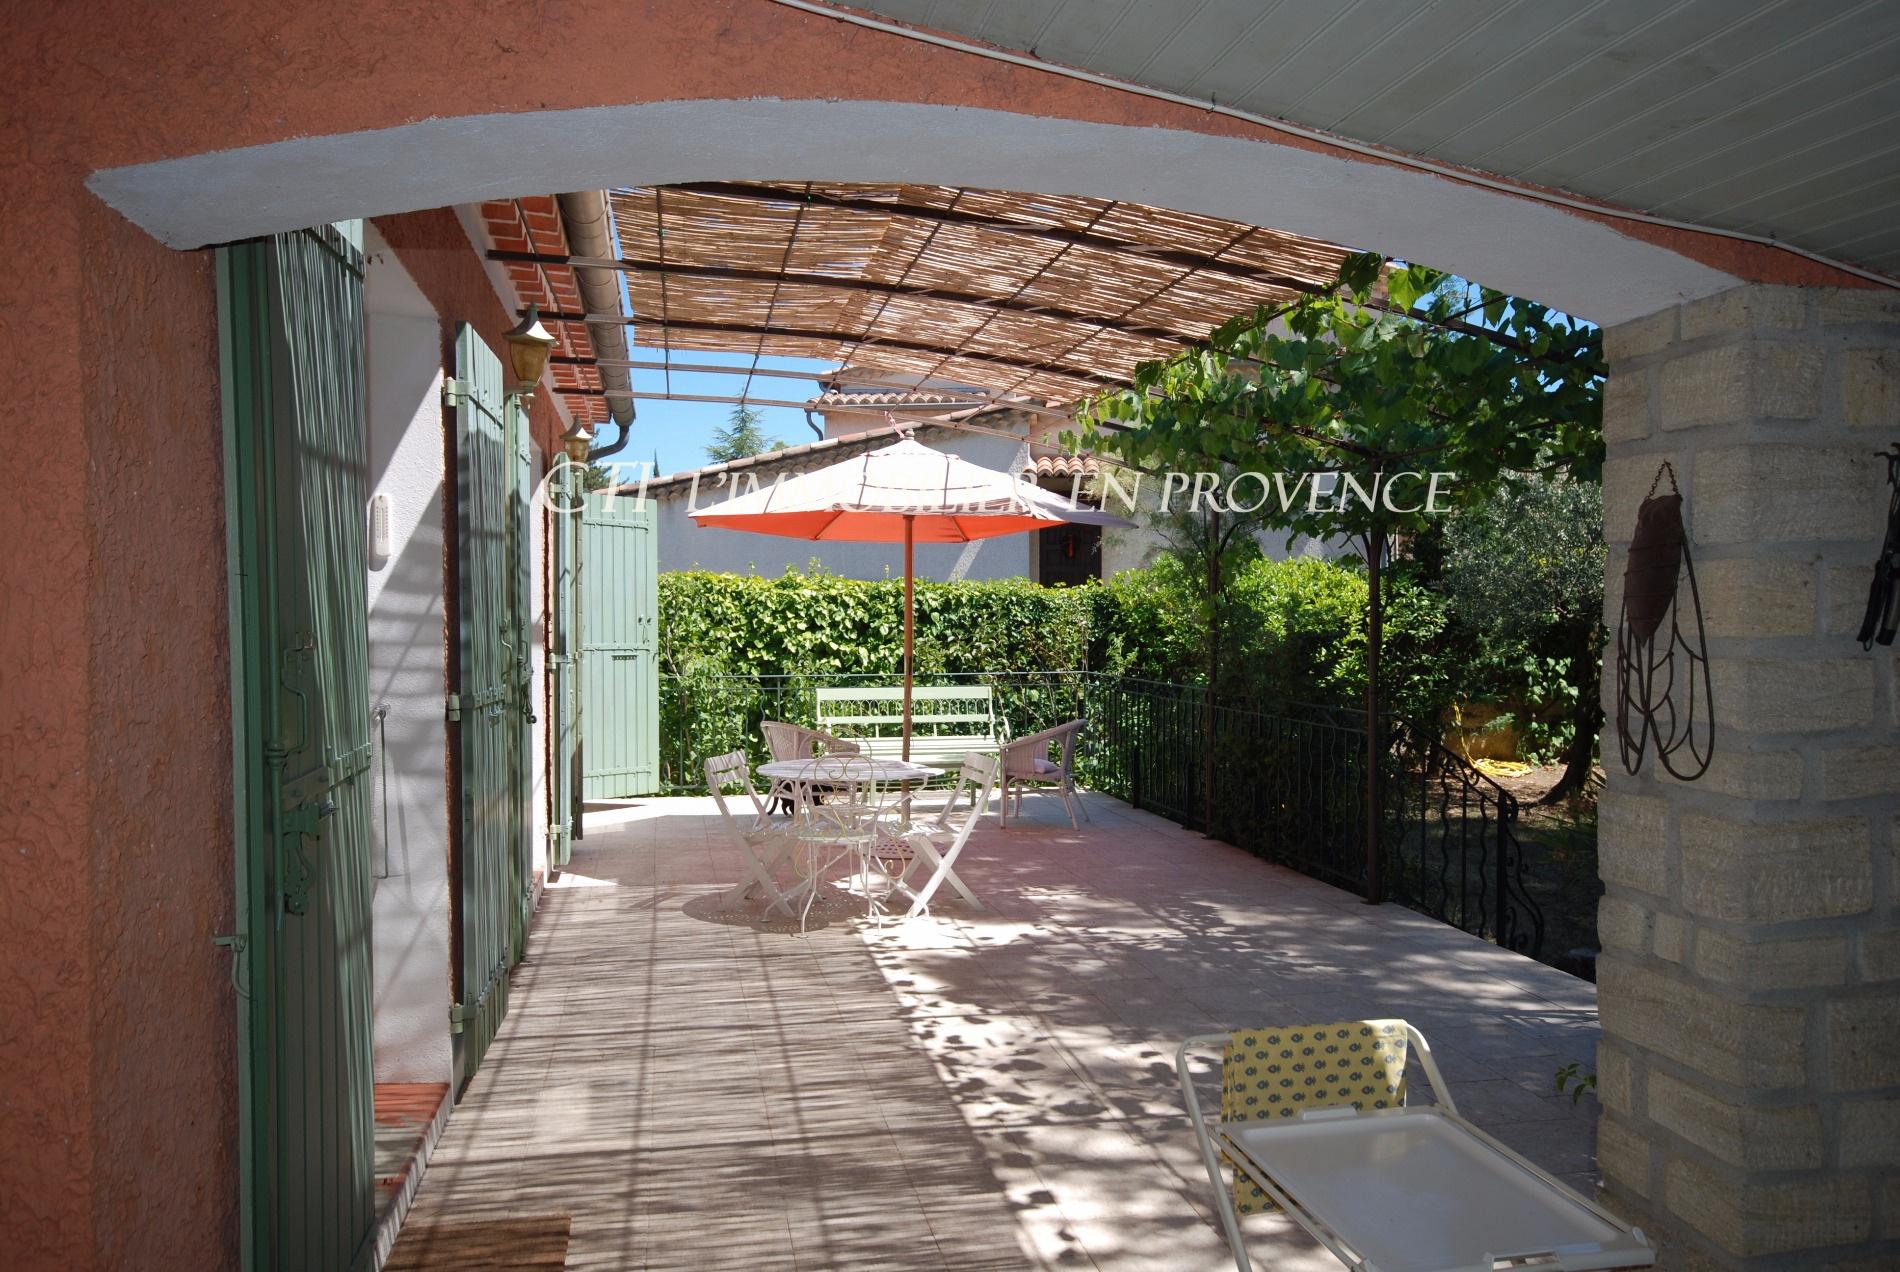 0 www.cti-provence.net, vente grande maison proche centre ville Vaison, beau jardin, piscine,d&eacut